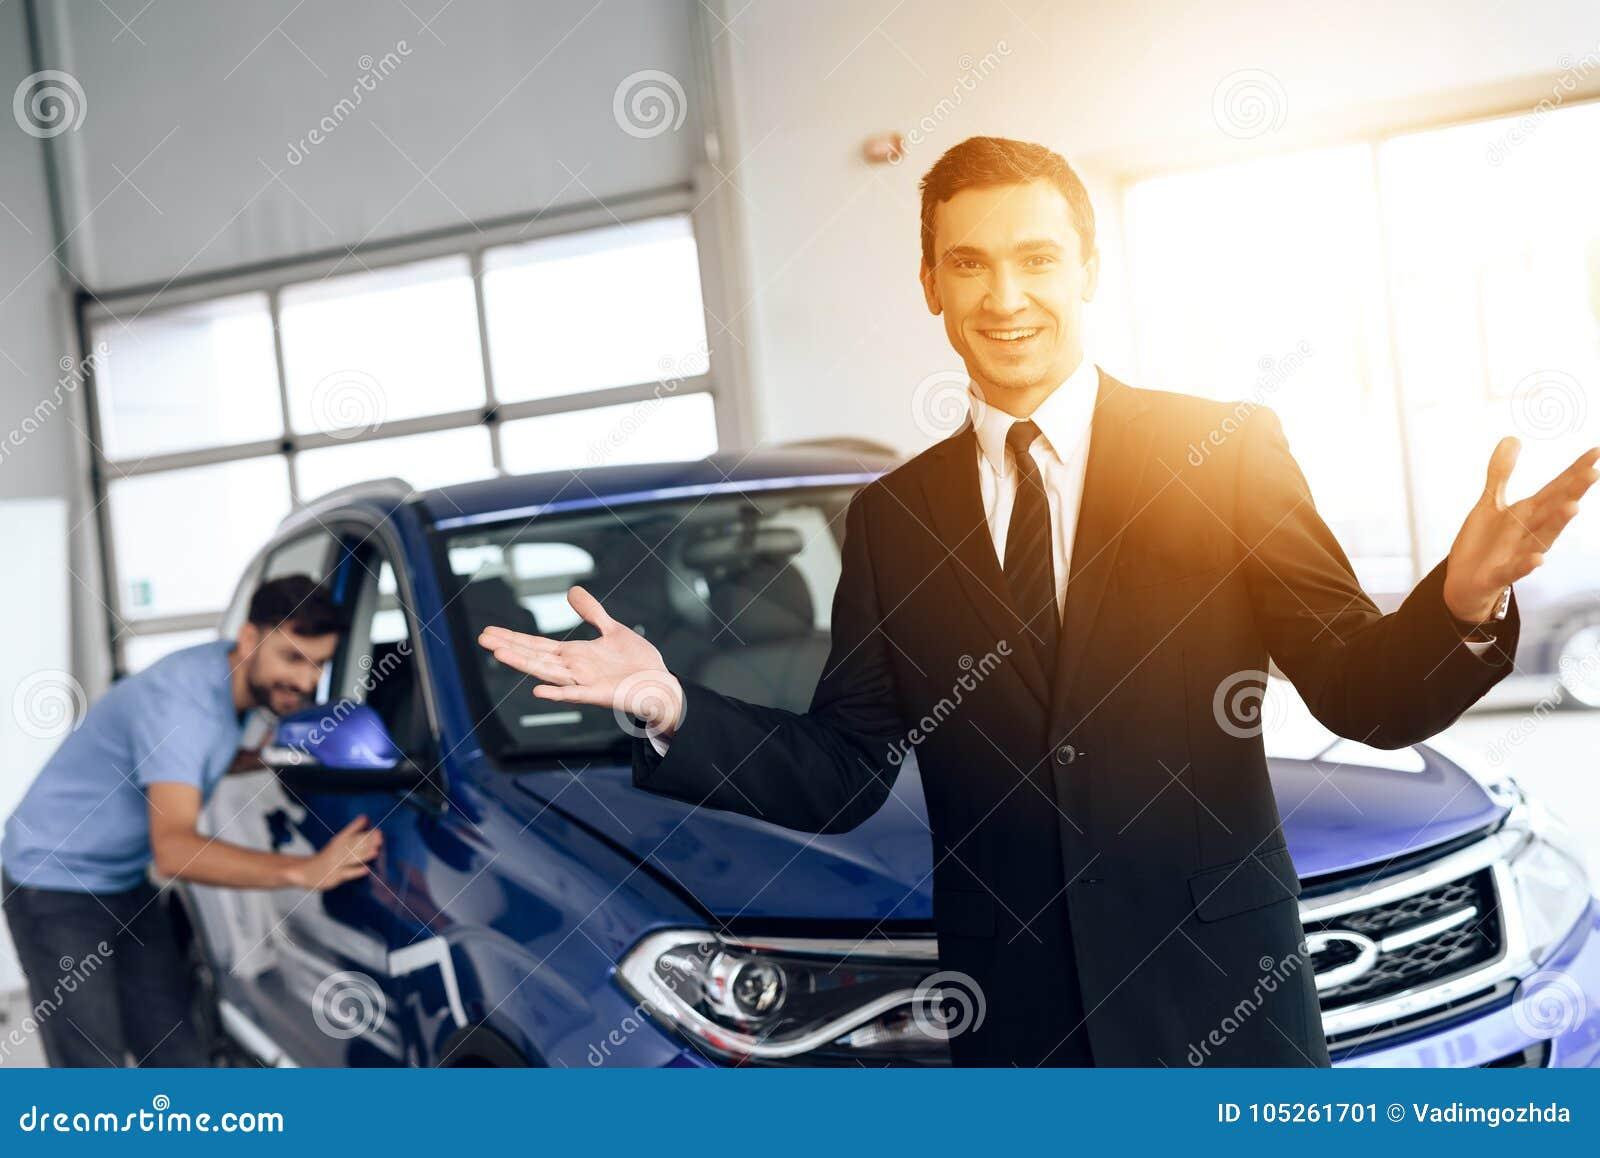 Choosing a good car